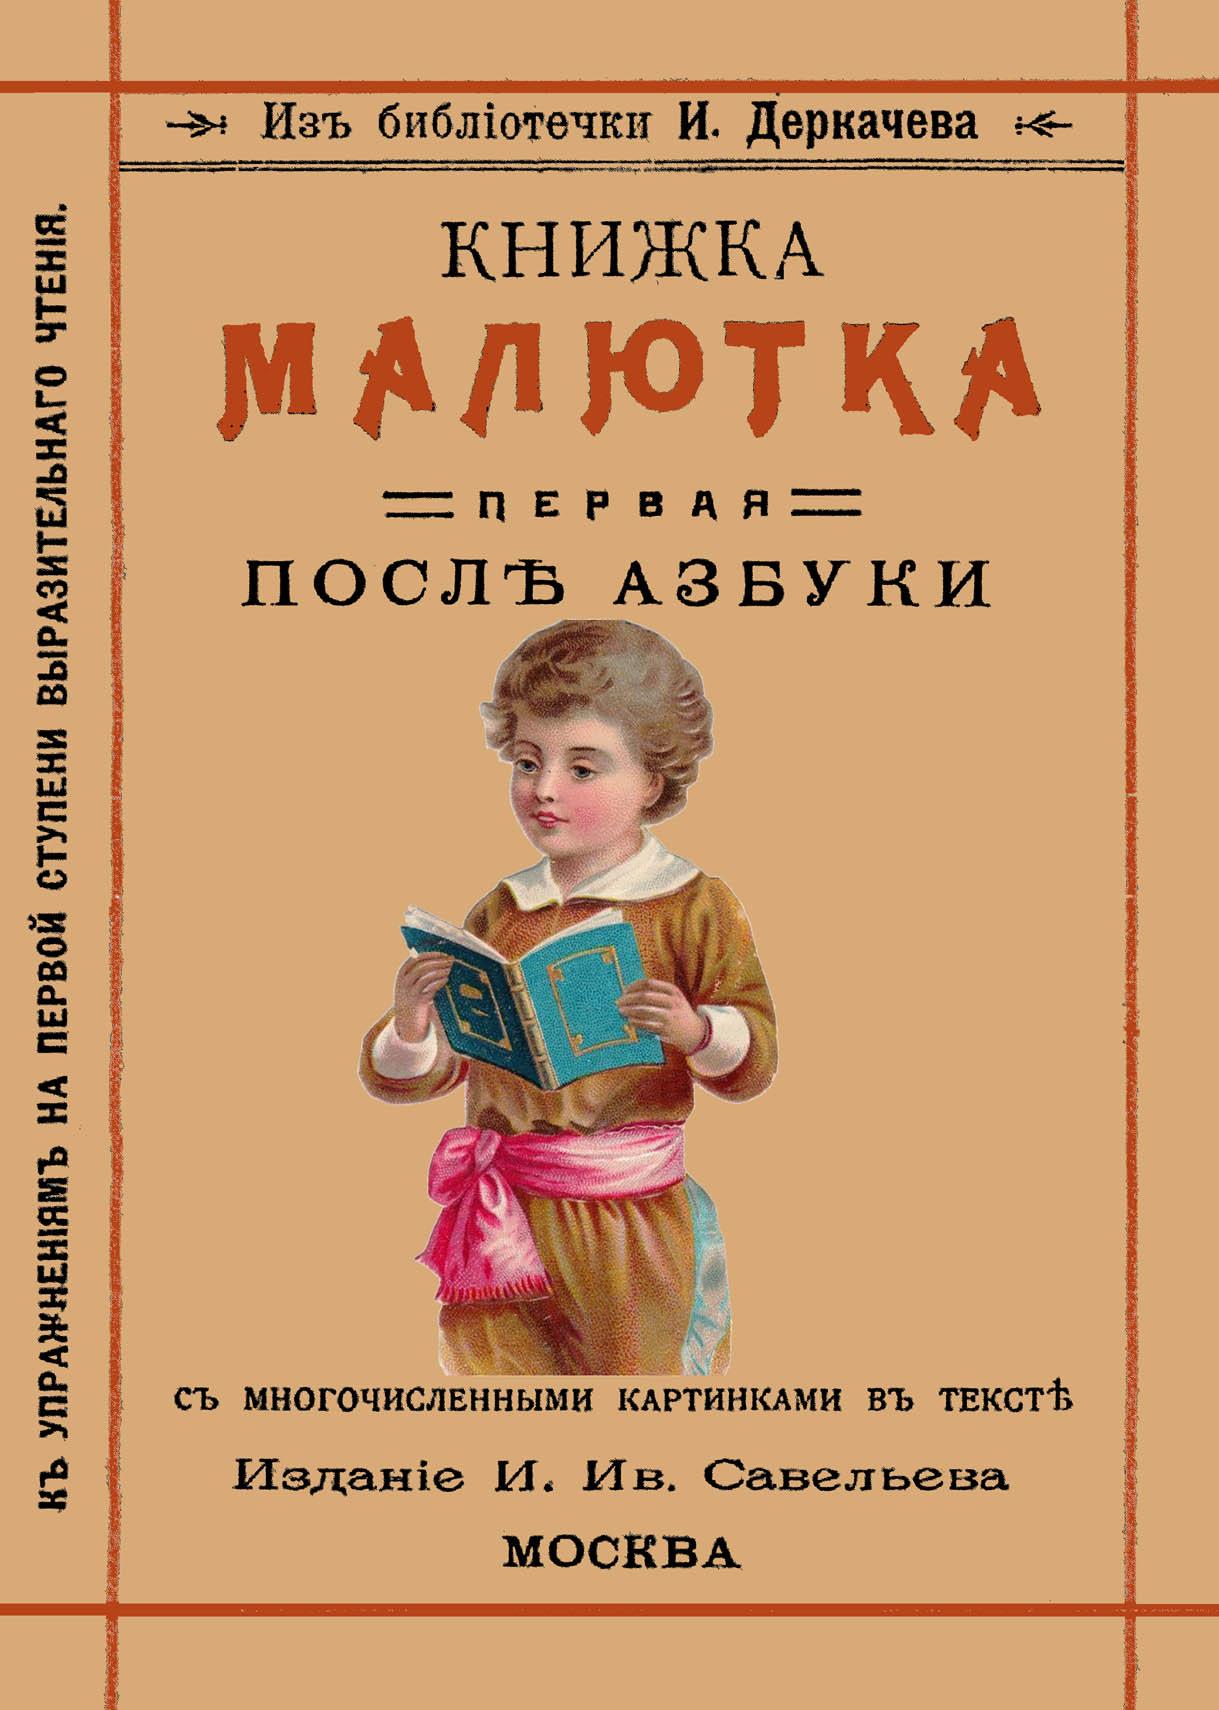 Деркачев И. П. Книжка малютка. Первая после азбуки